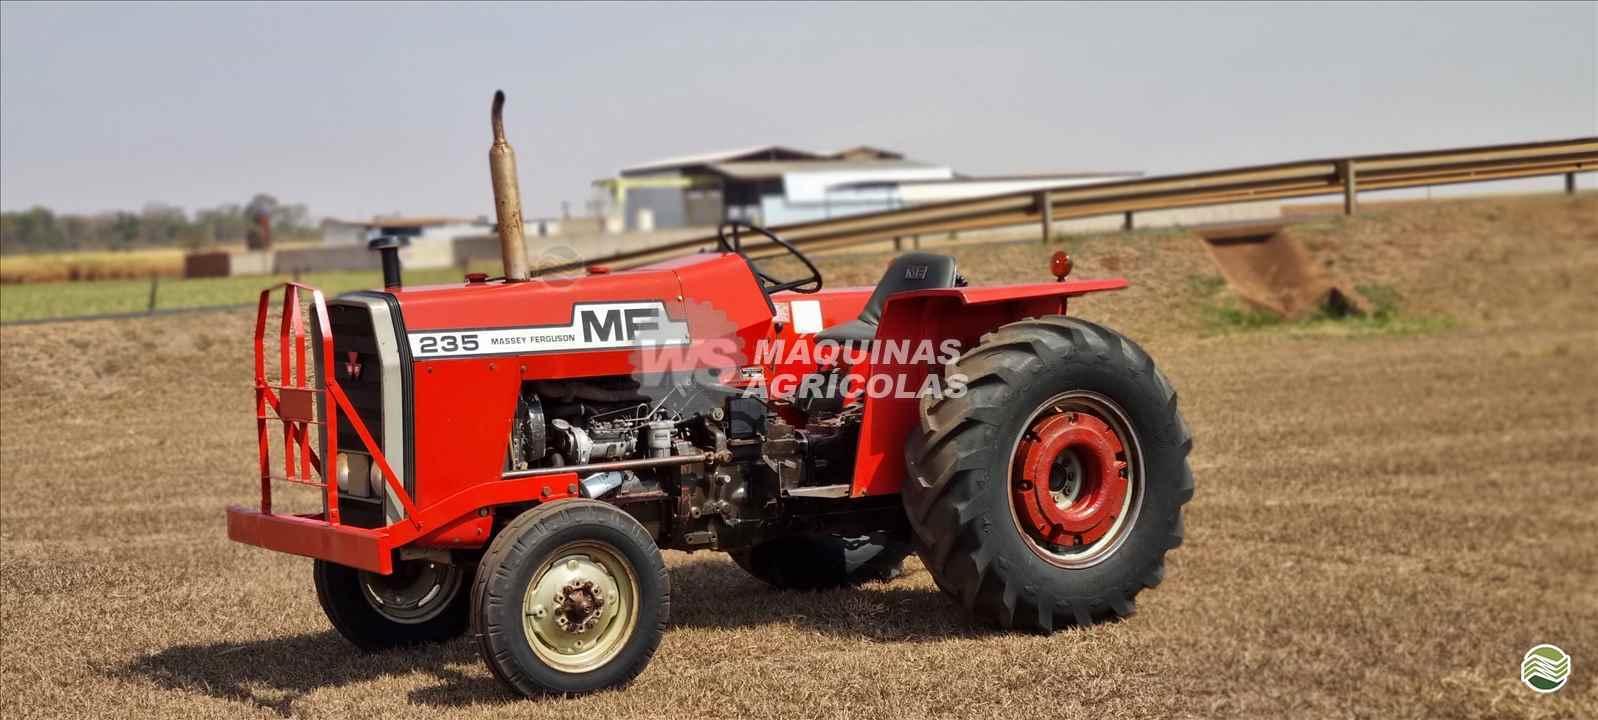 TRATOR MASSEY FERGUSON MF 235 Tração 4x2 WS Máquinas Agrícolas SERTAOZINHO SÃO PAULO SP